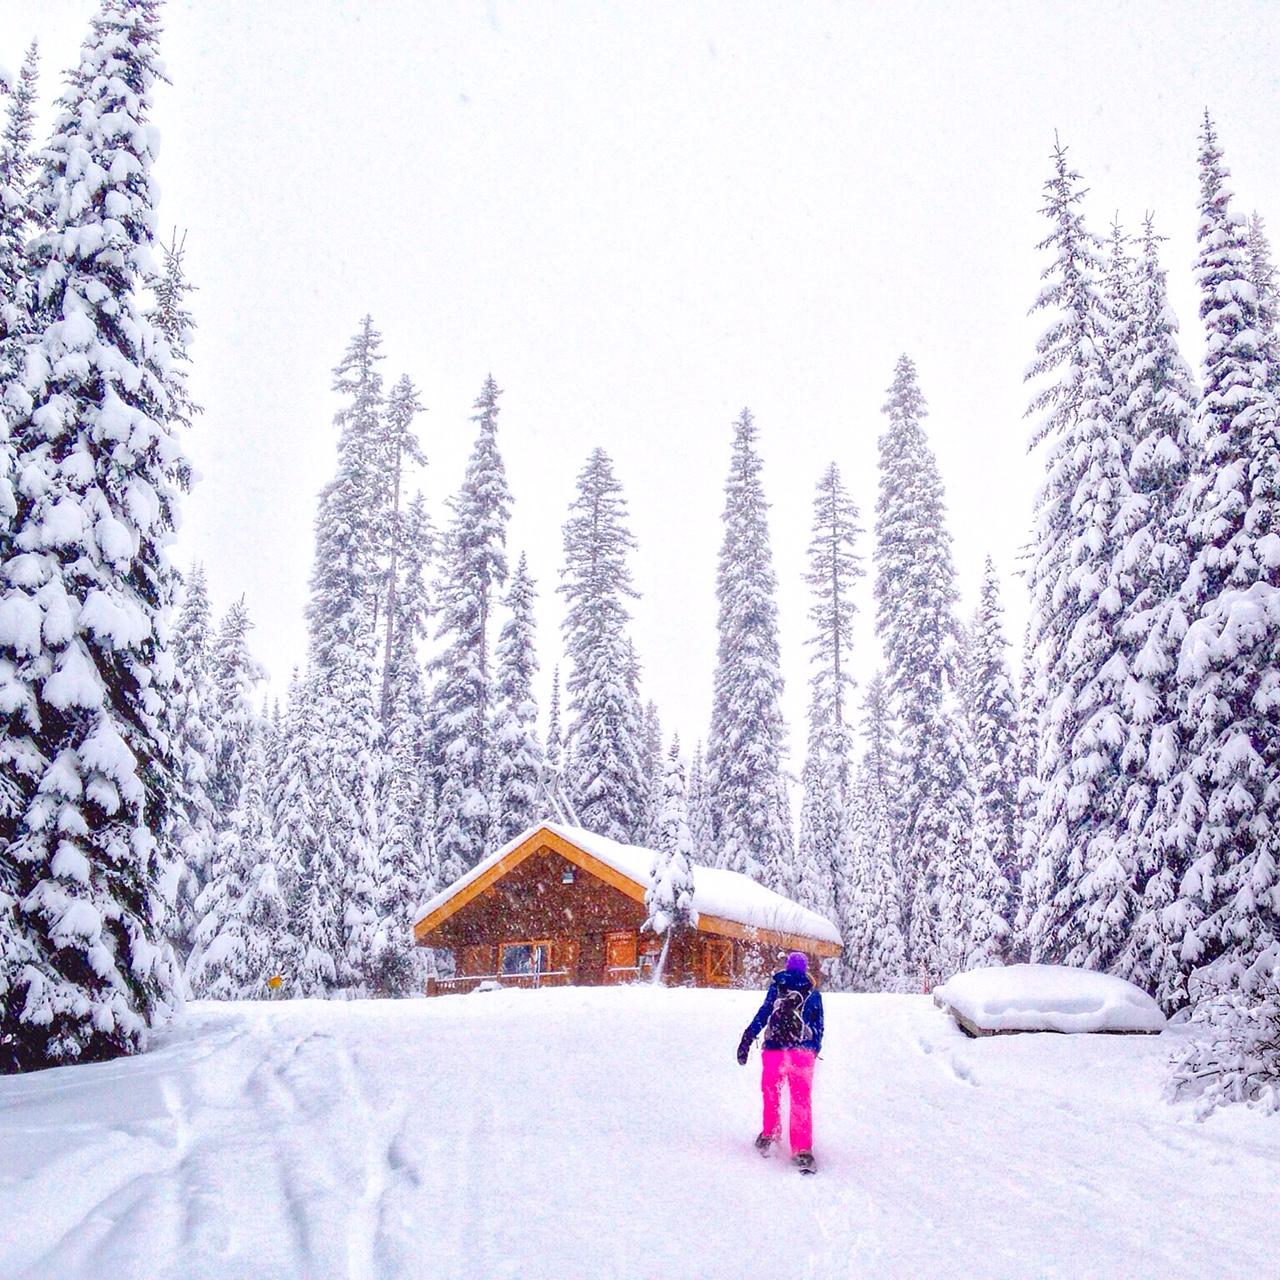 McGillivray Lake Warming Hut - snowshoe tour